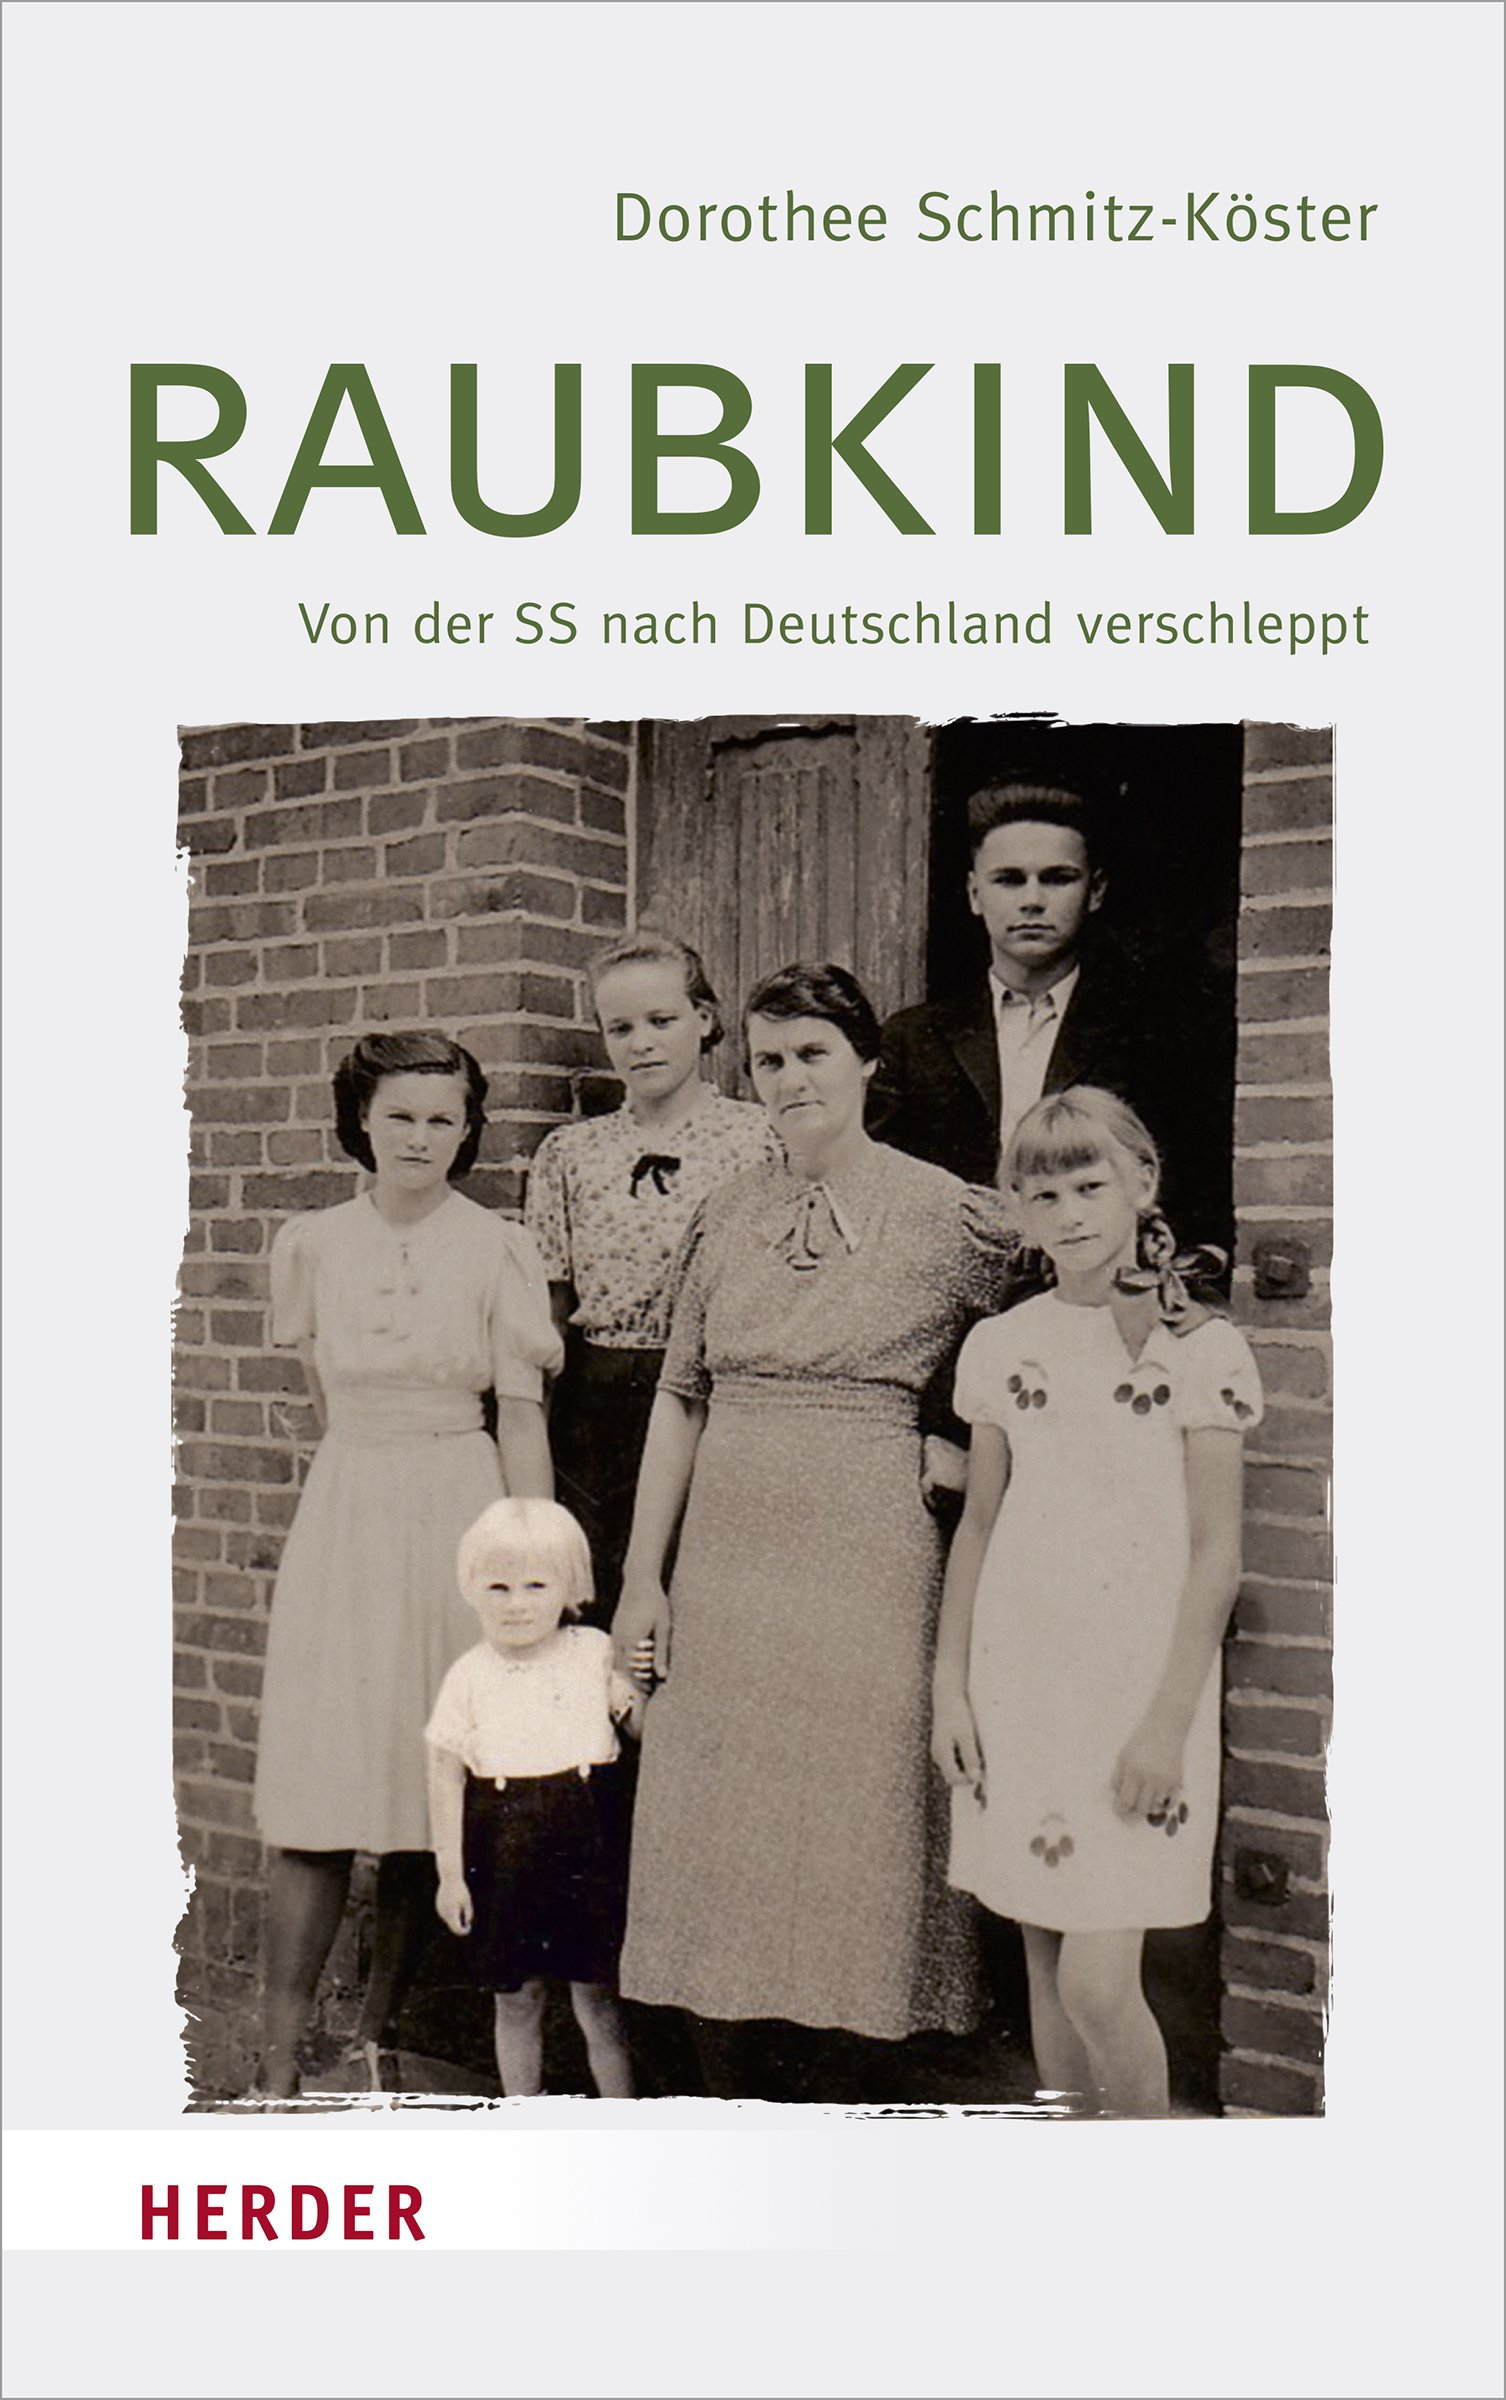 Raubkind: Von der SS nach Deutschland verschleppt